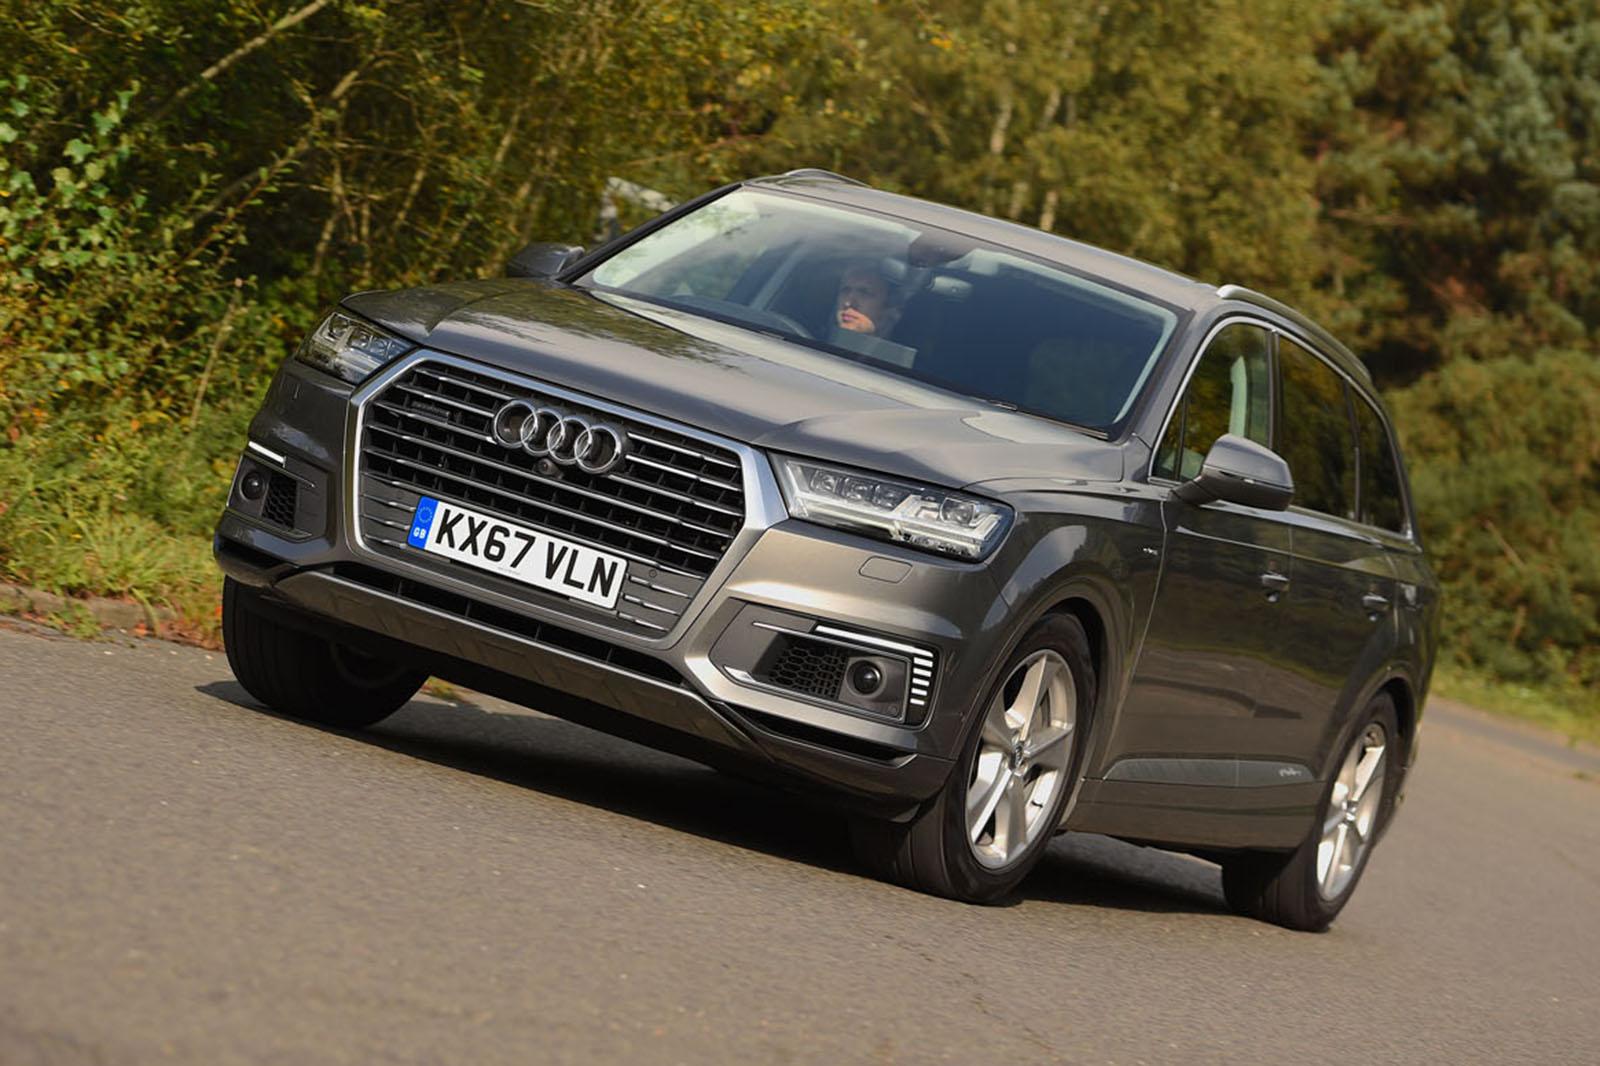 Kelebihan Kekurangan Audi Q7 Etron Review